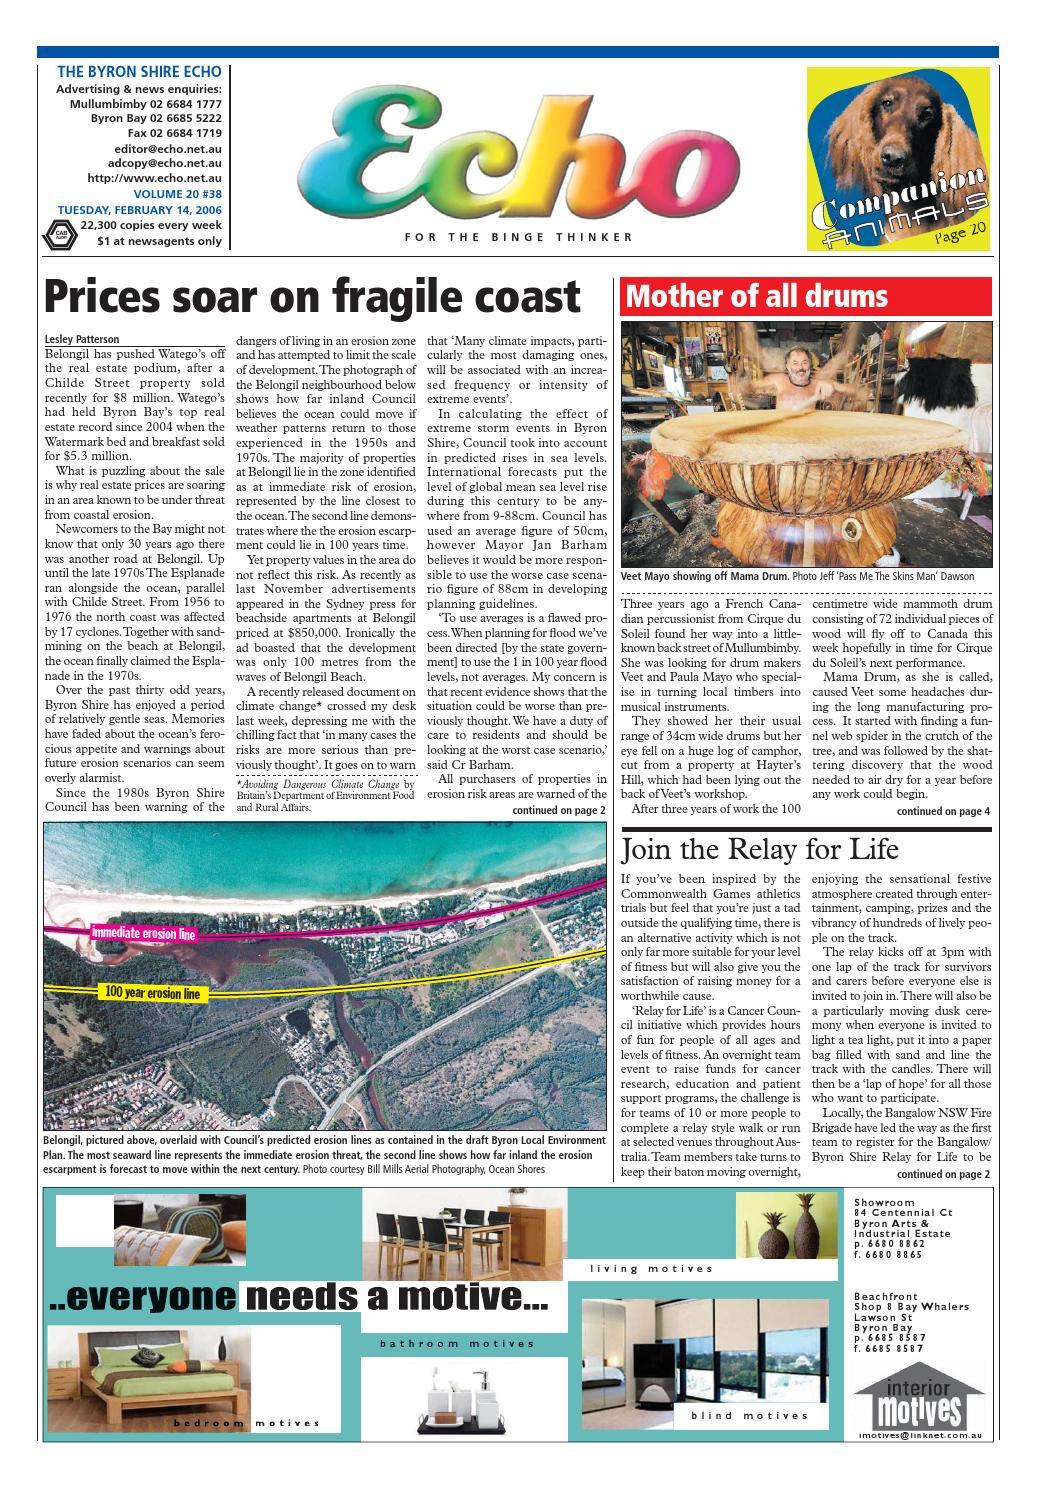 Byron Shire Echo – Issue 20 38 – 14/02/2006 by Echo